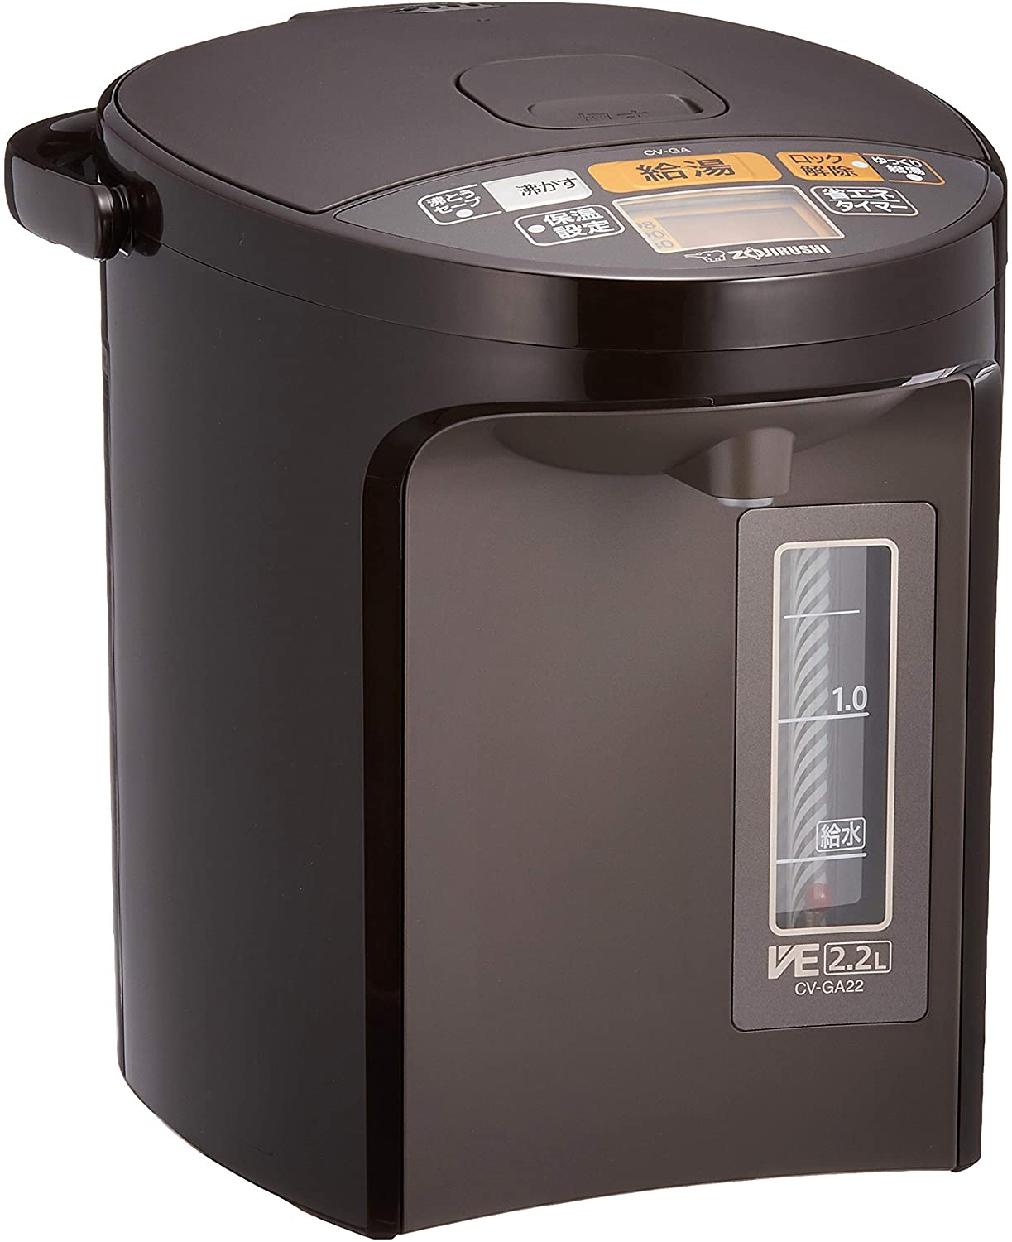 象印(ぞうじるし)マイコン沸とうVE電気まほうびん 優湯生 CV-GA22の商品画像